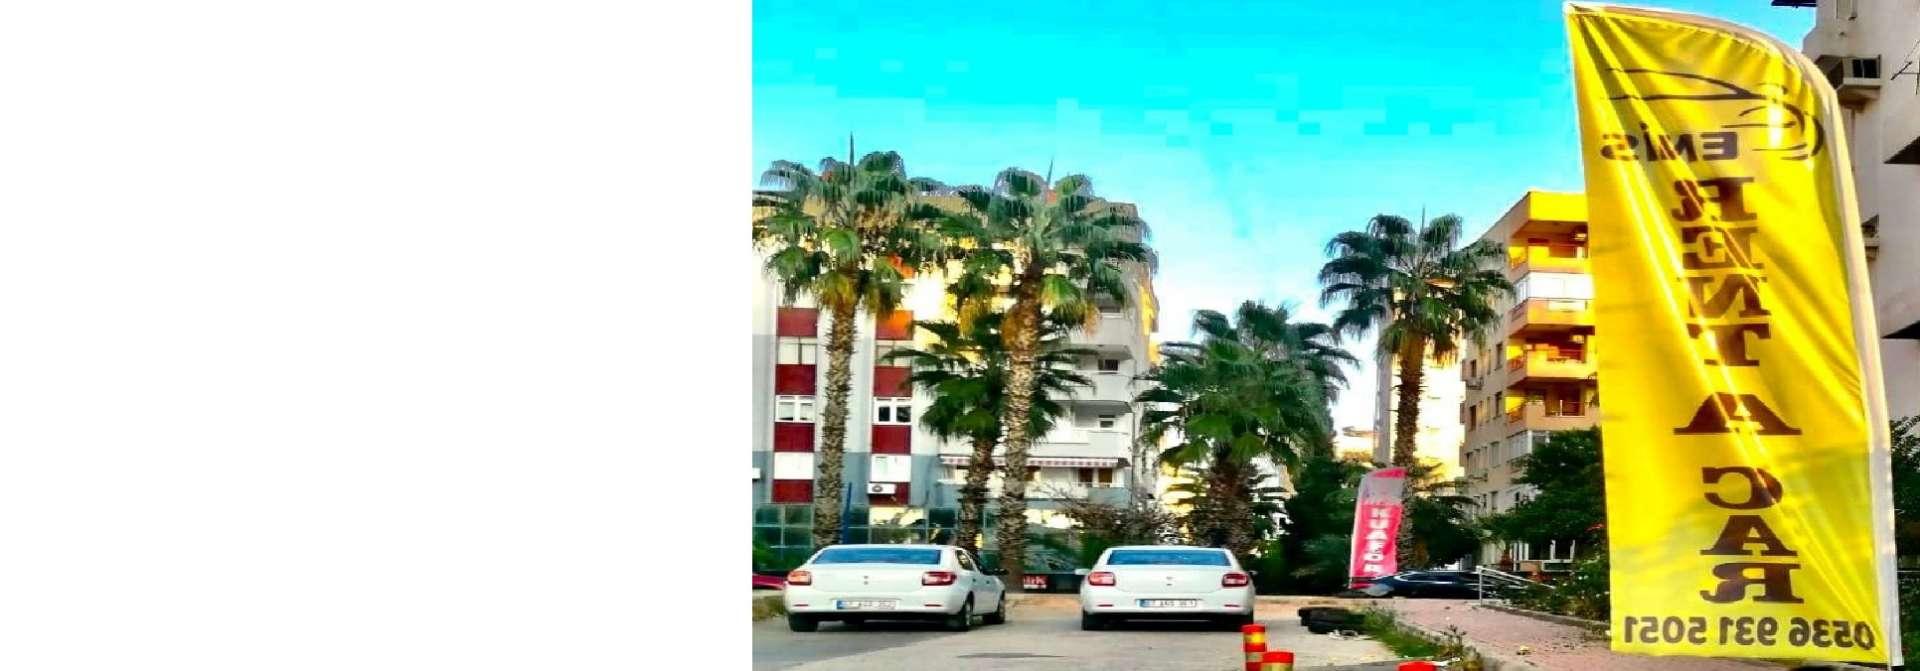 Enis rentacar Antalya